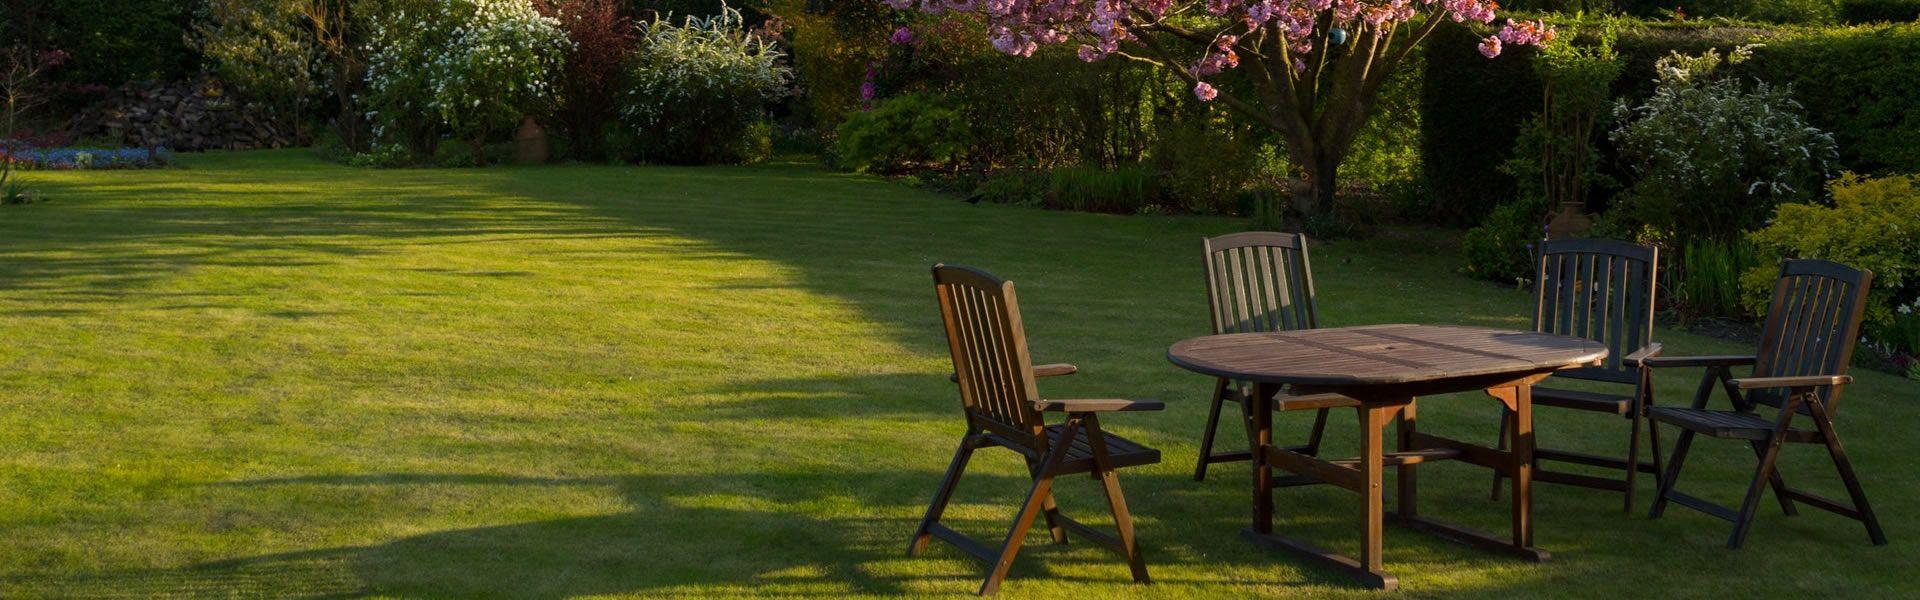 Mobilier De Jardin Alpes Maritimes mobilier de jardin sur la côte d'azur